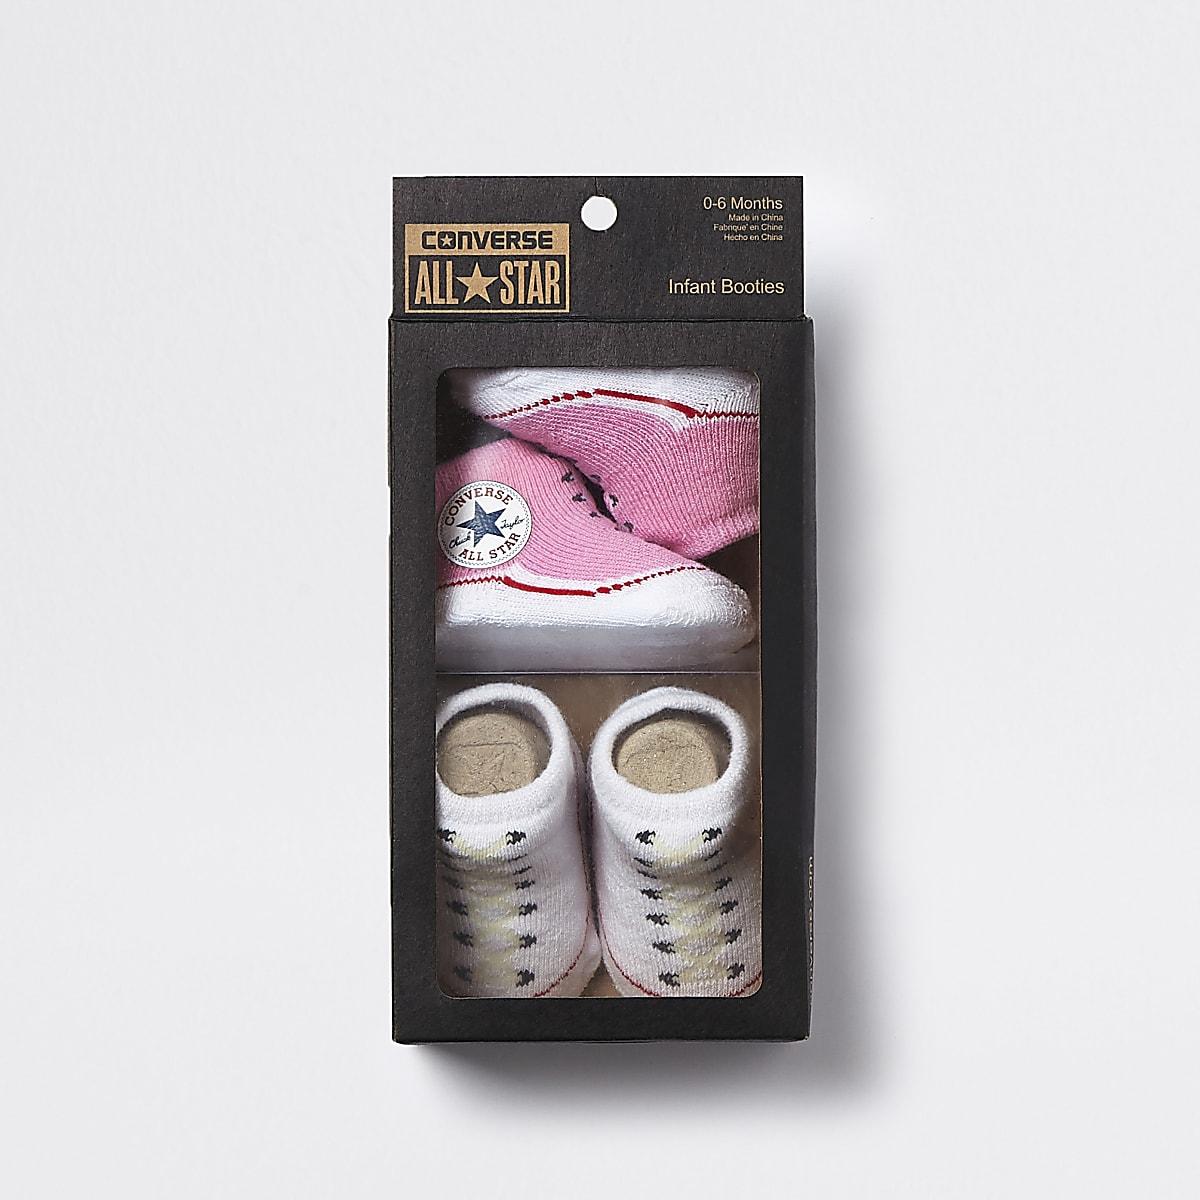 c8423800db63c Converse All Star – Chaussons roses pour bébé - Accessoires bébé ...